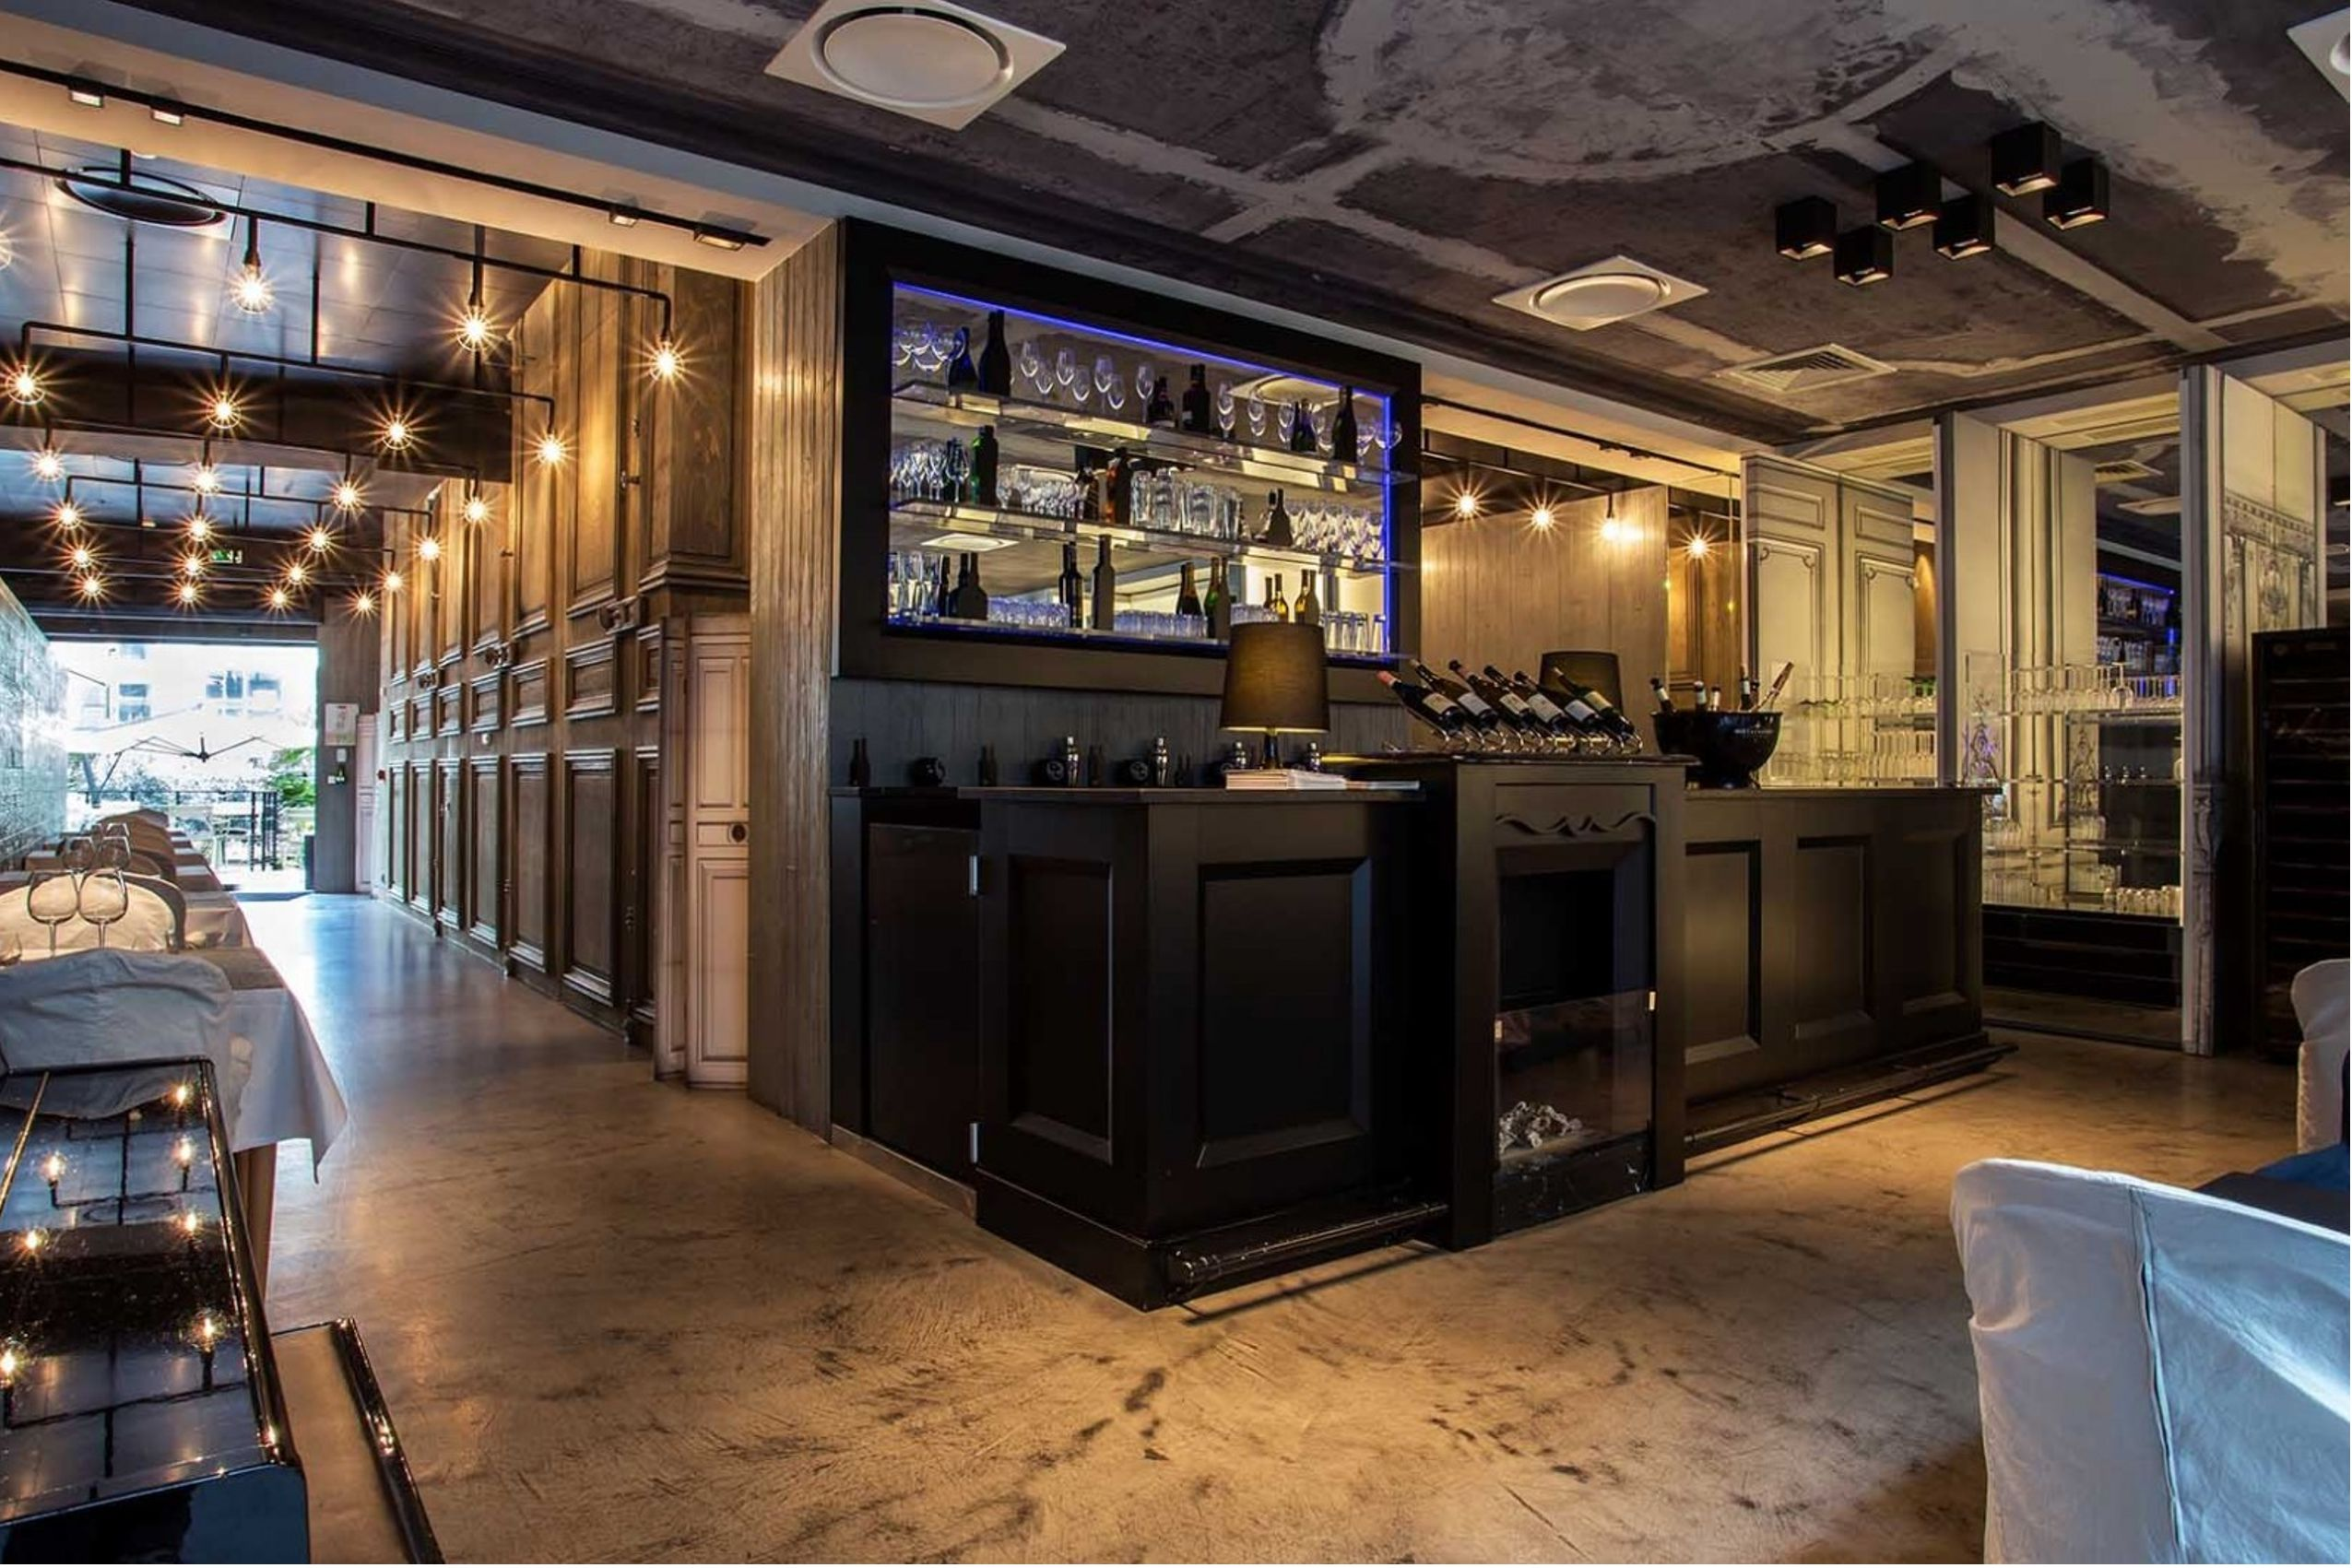 Arredamento bar e ristoranti in legno for Arredamento bar e ristoranti